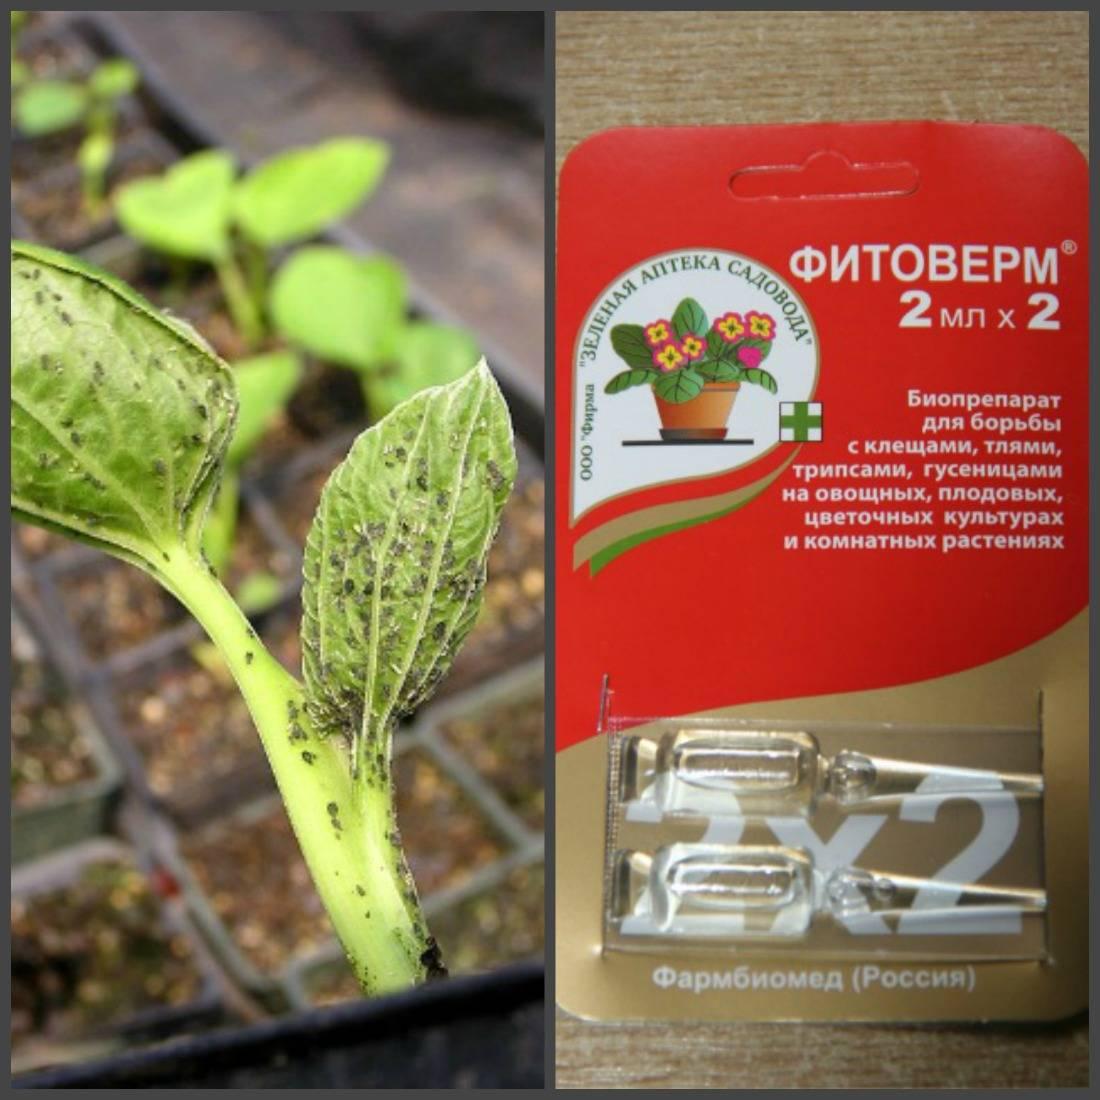 Фитоверм для комнатных растений - инструкция по применению, плюсы и минусы